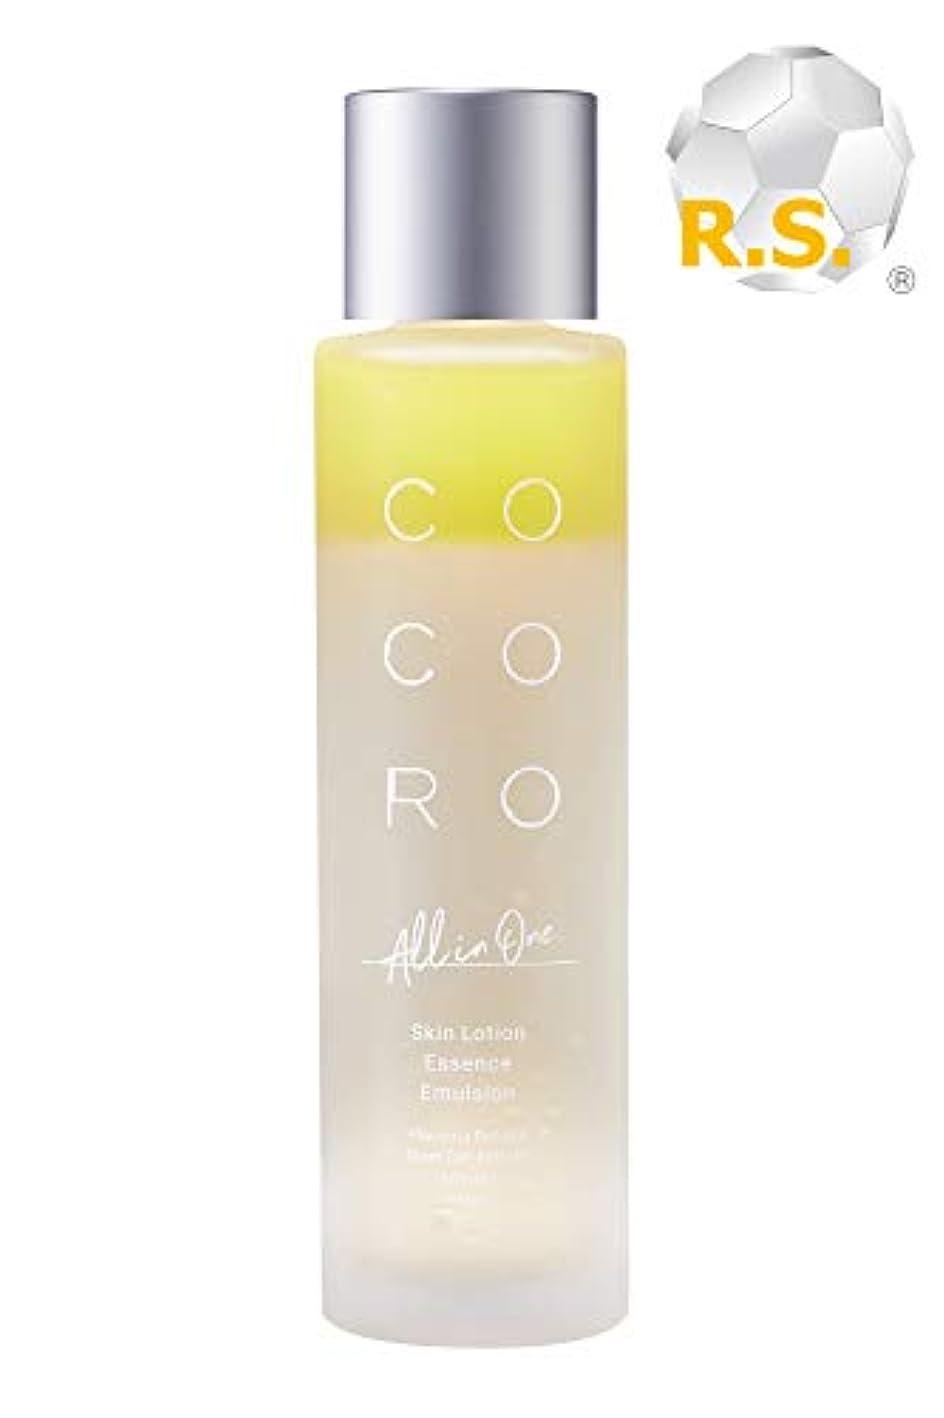 ログ蒸し器修正するCOCORO PLACENTA COCORO化粧美容乳液 オールインワン プラセンタ フラーレン ヒアルロン酸 二層式美容液(80ml)